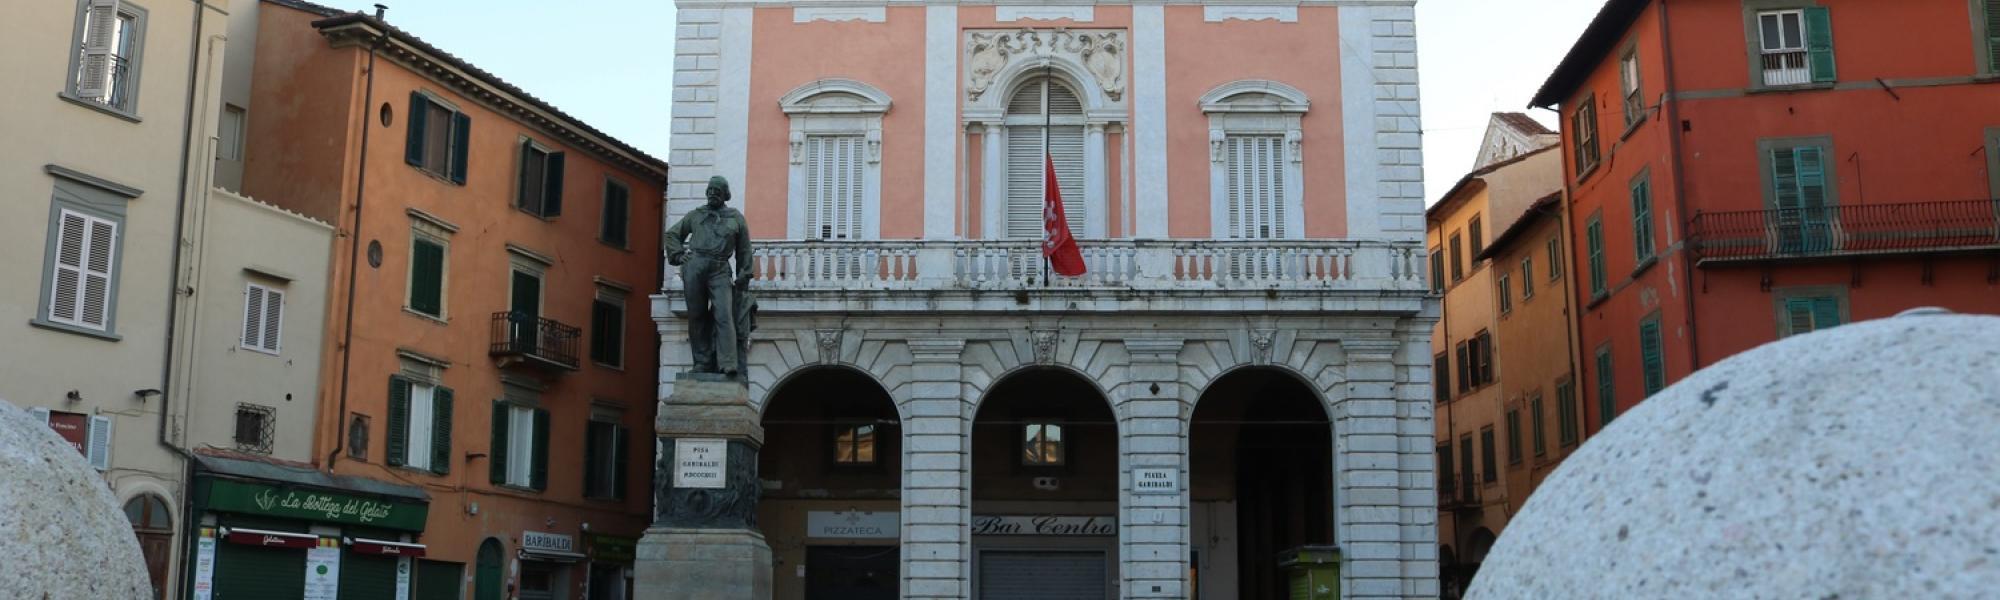 Piazza Garibaldi da Ponte di Mezzo (A. Matteucci)